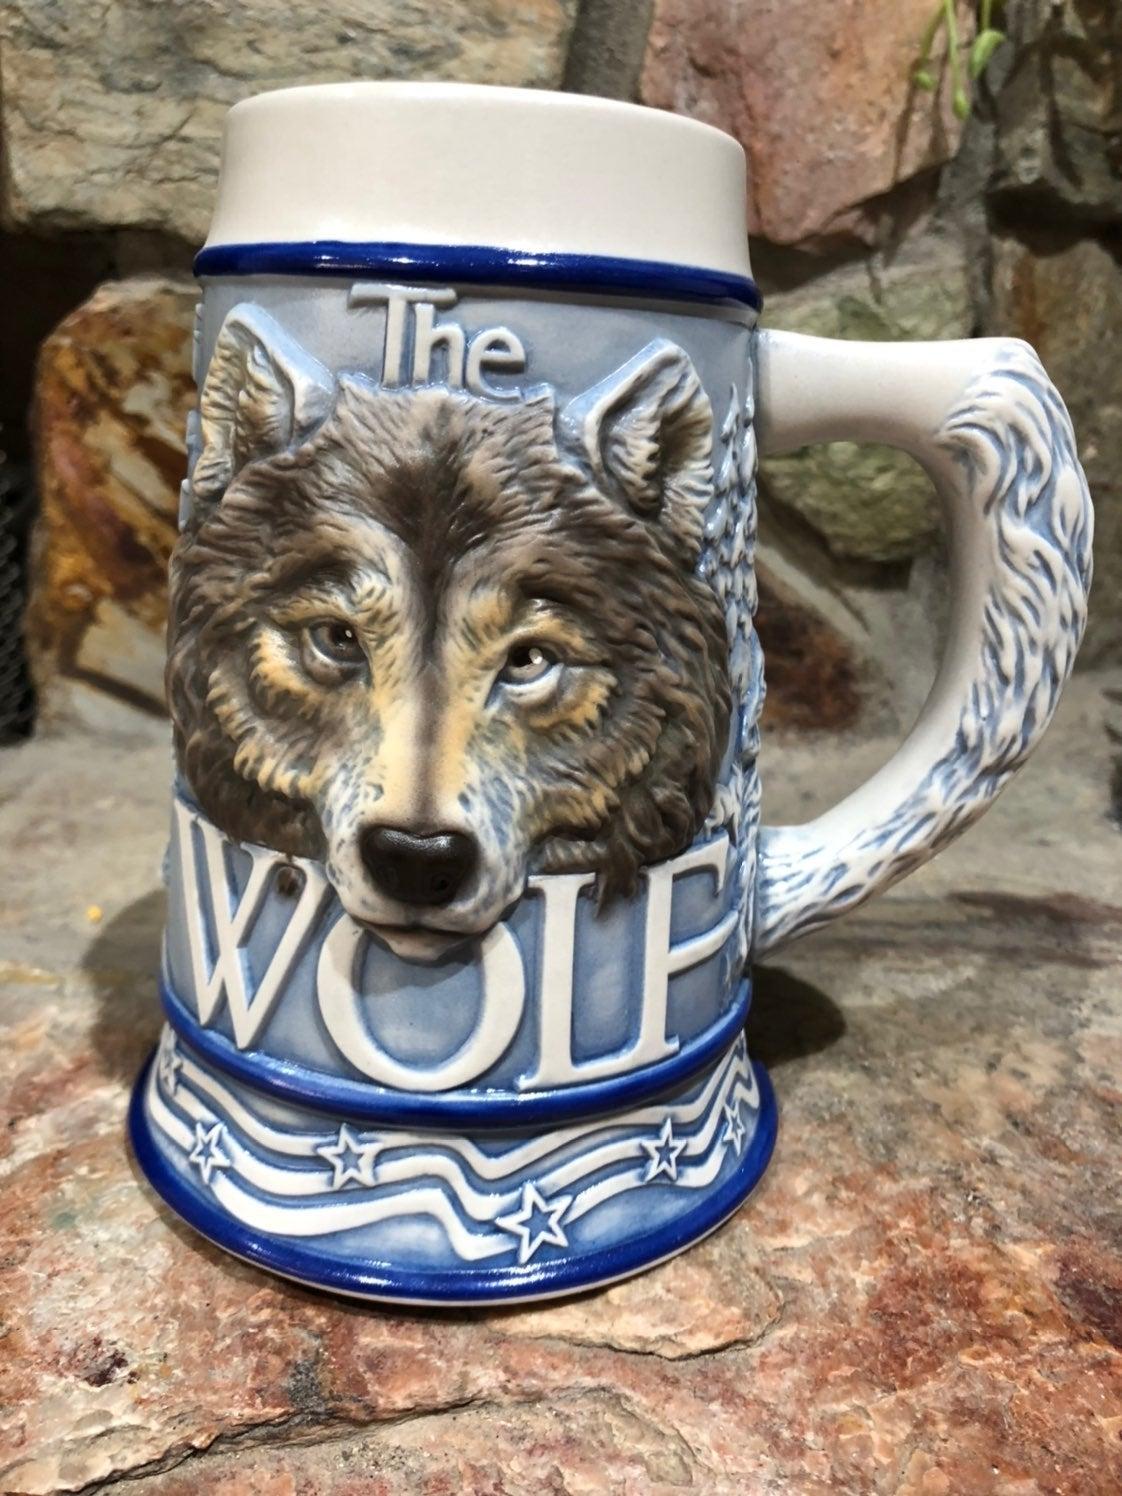 Vintage American gray wolf beer mug